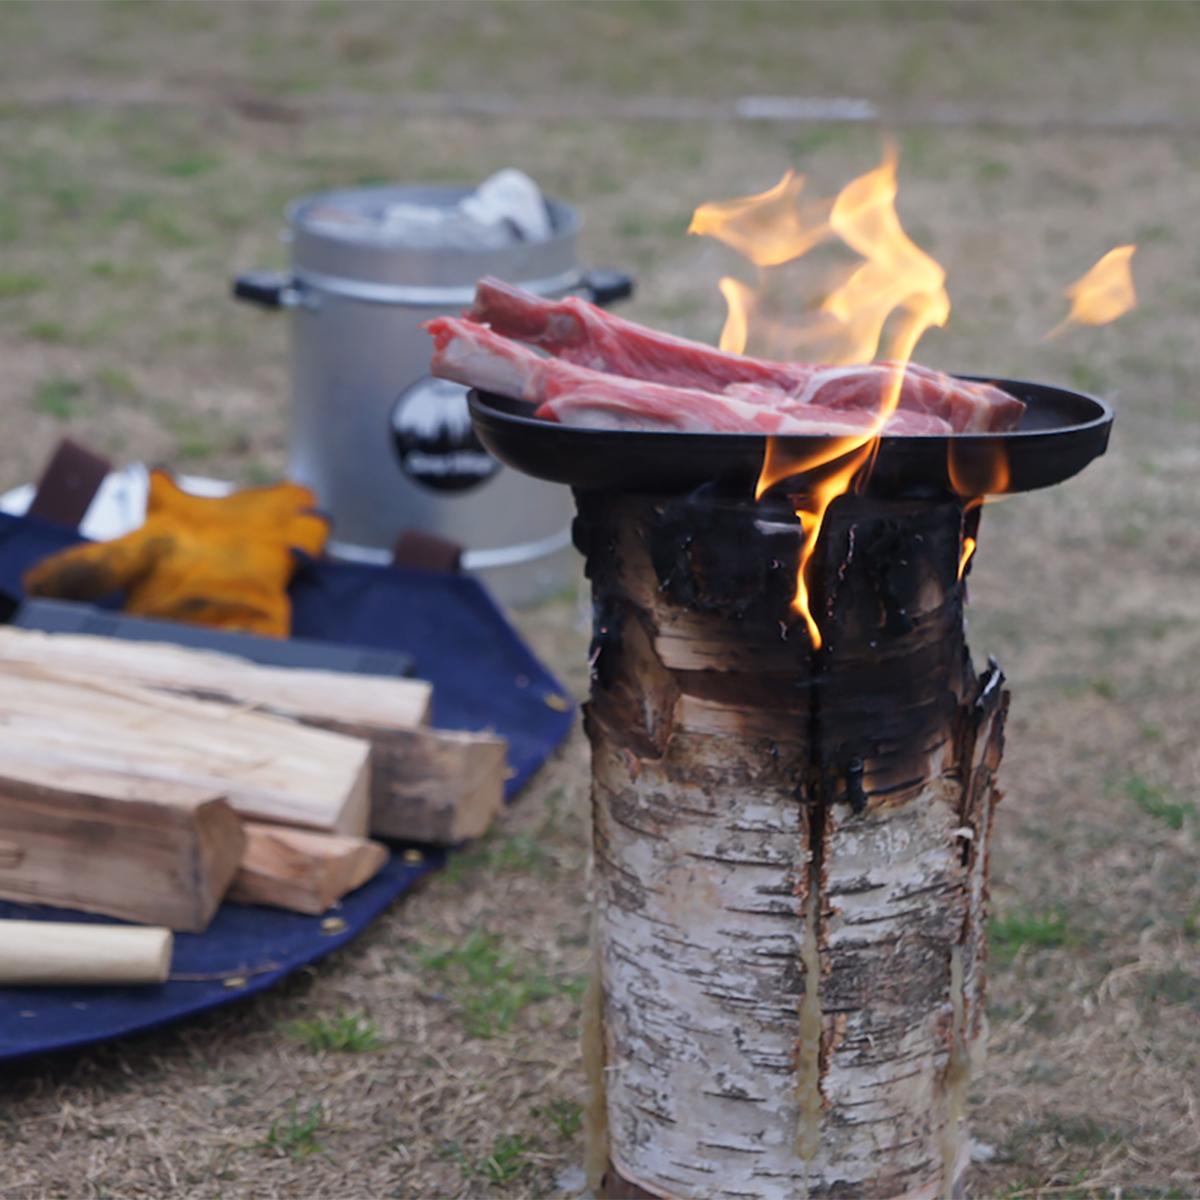 骨付きラムの塊肉や大きなバーベキューソーセージを豪快に。見ているだけで最高の前菜に!キャンドル一体型で一発着火、肉も焼ける「スウェディッシュトーチ」|Swedish Birch Candle(スウェディッシュ バーチ キャンドル)